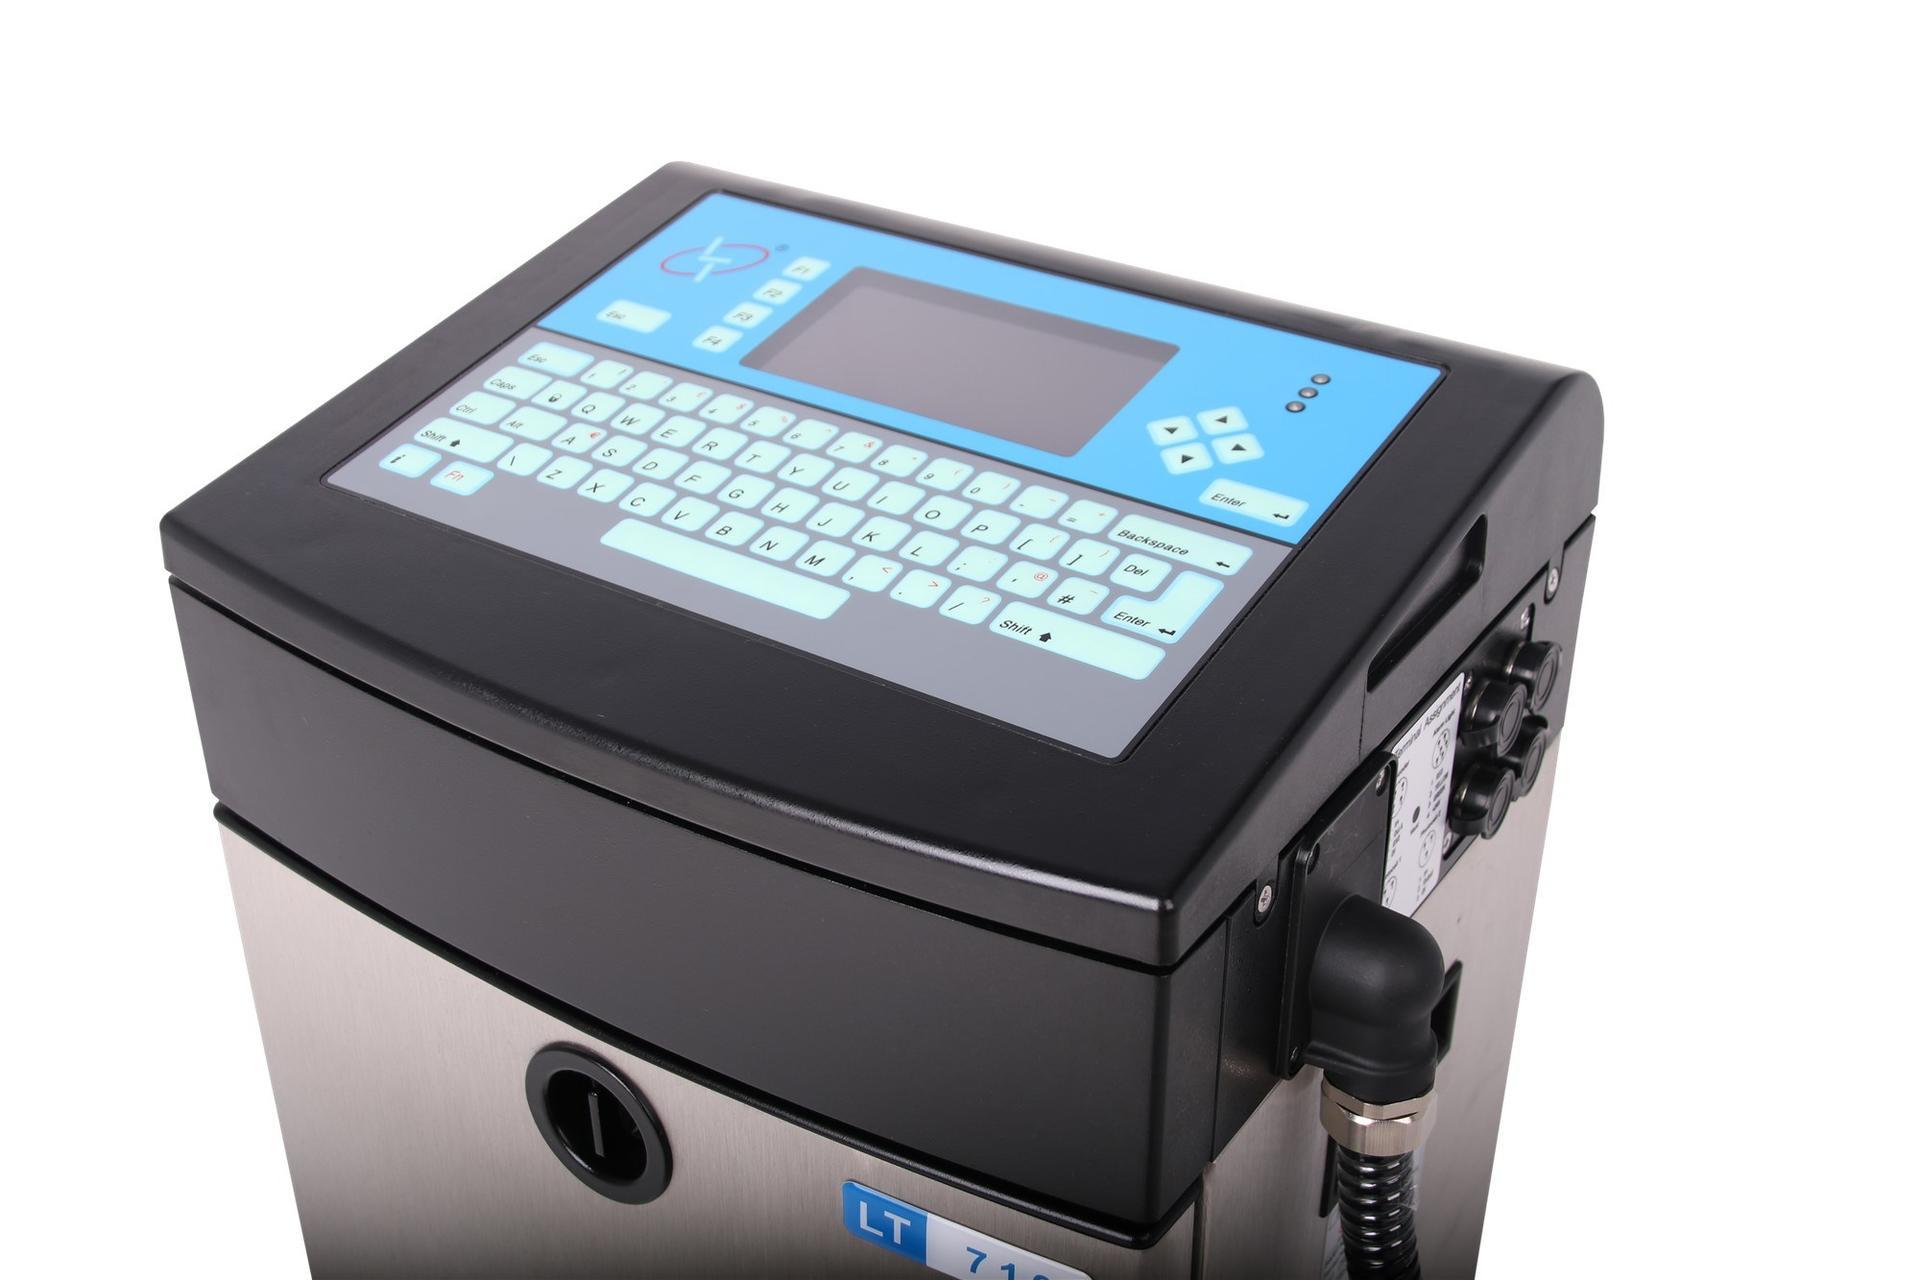 Lead Tech Lt710 Low Cost Cij Inkjet Printer